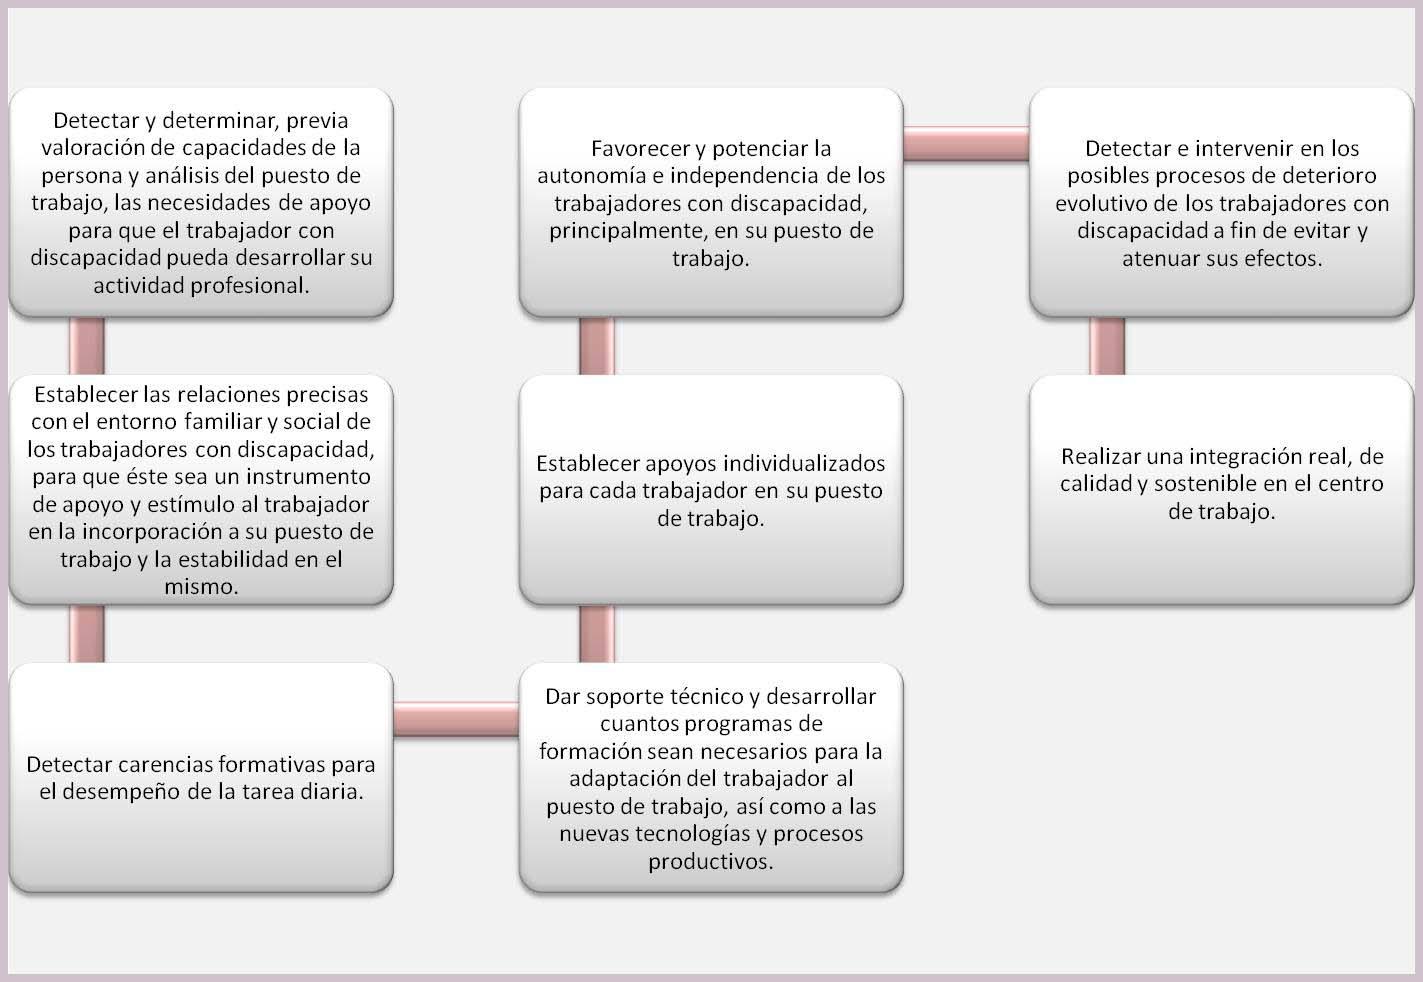 Grafico_unidad_de_apoyo